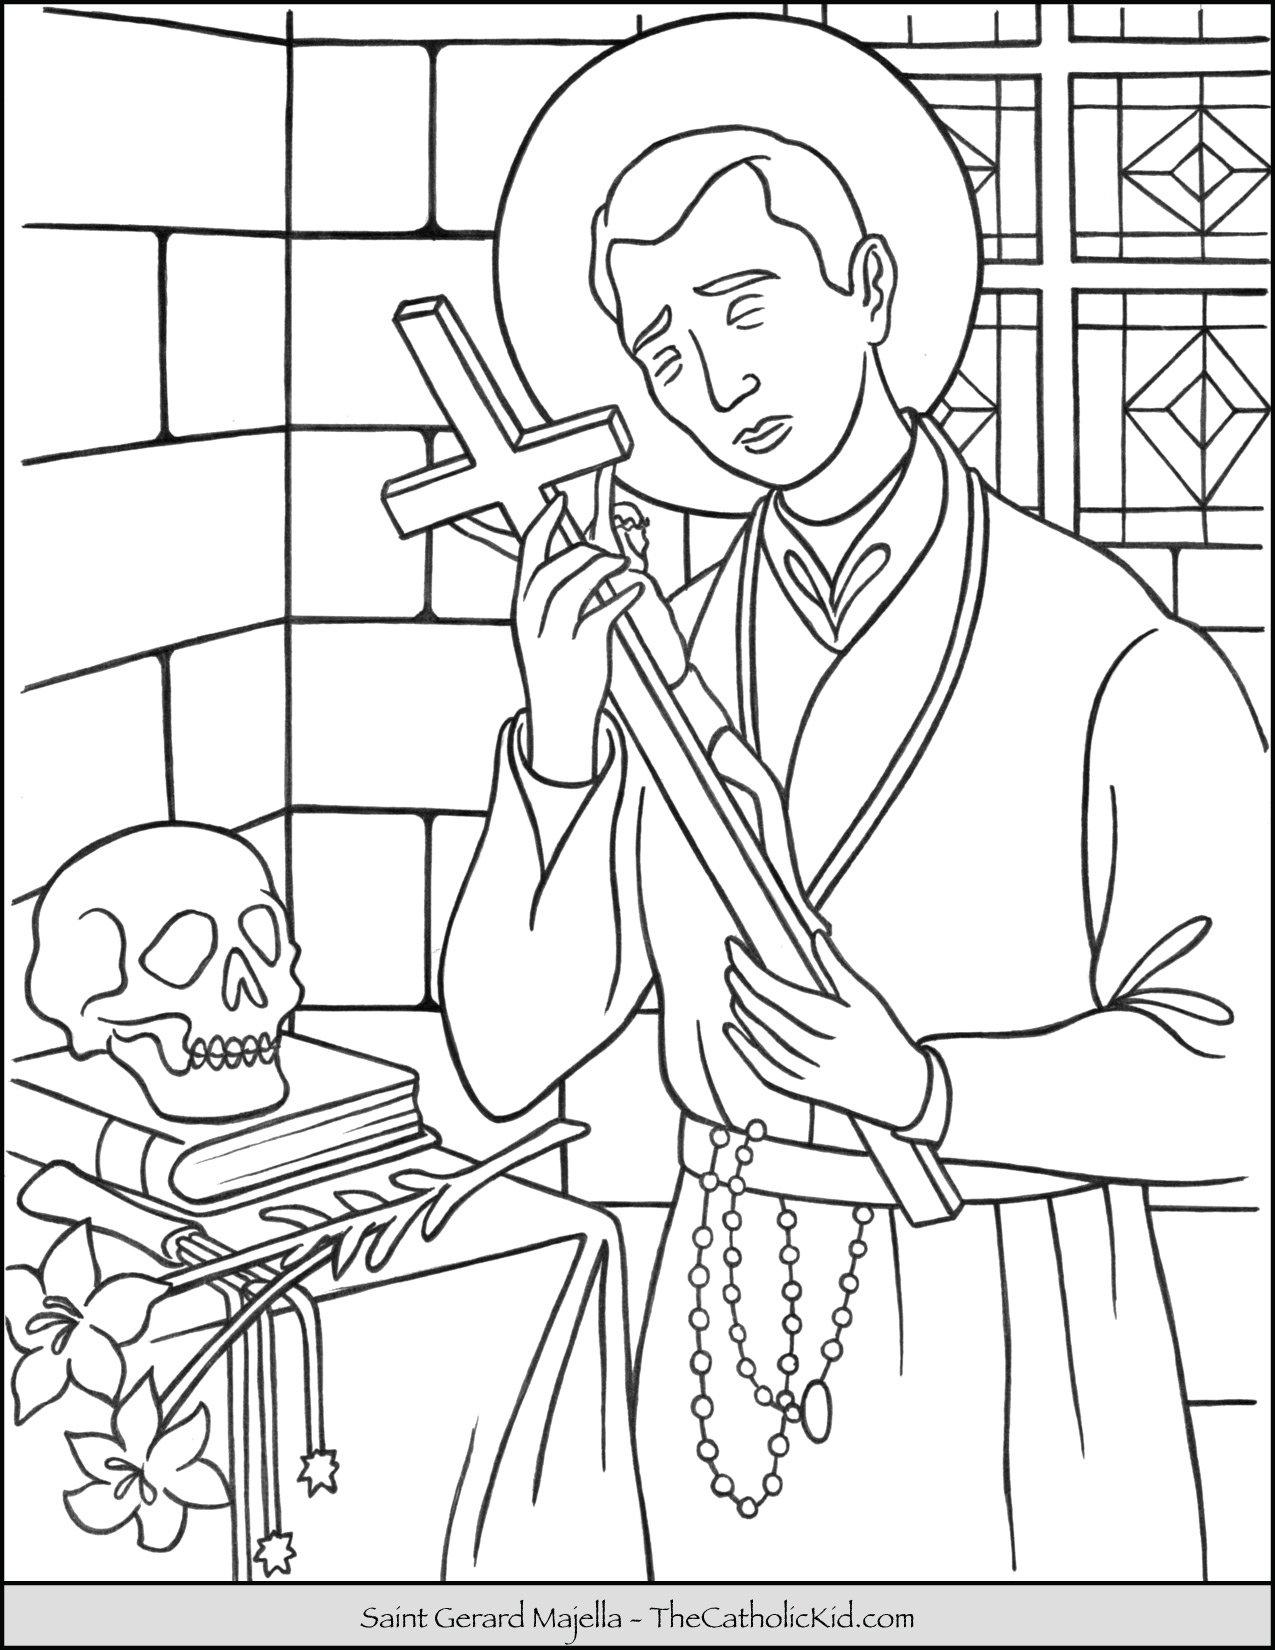 Saint Gerard Majella Coloring Page